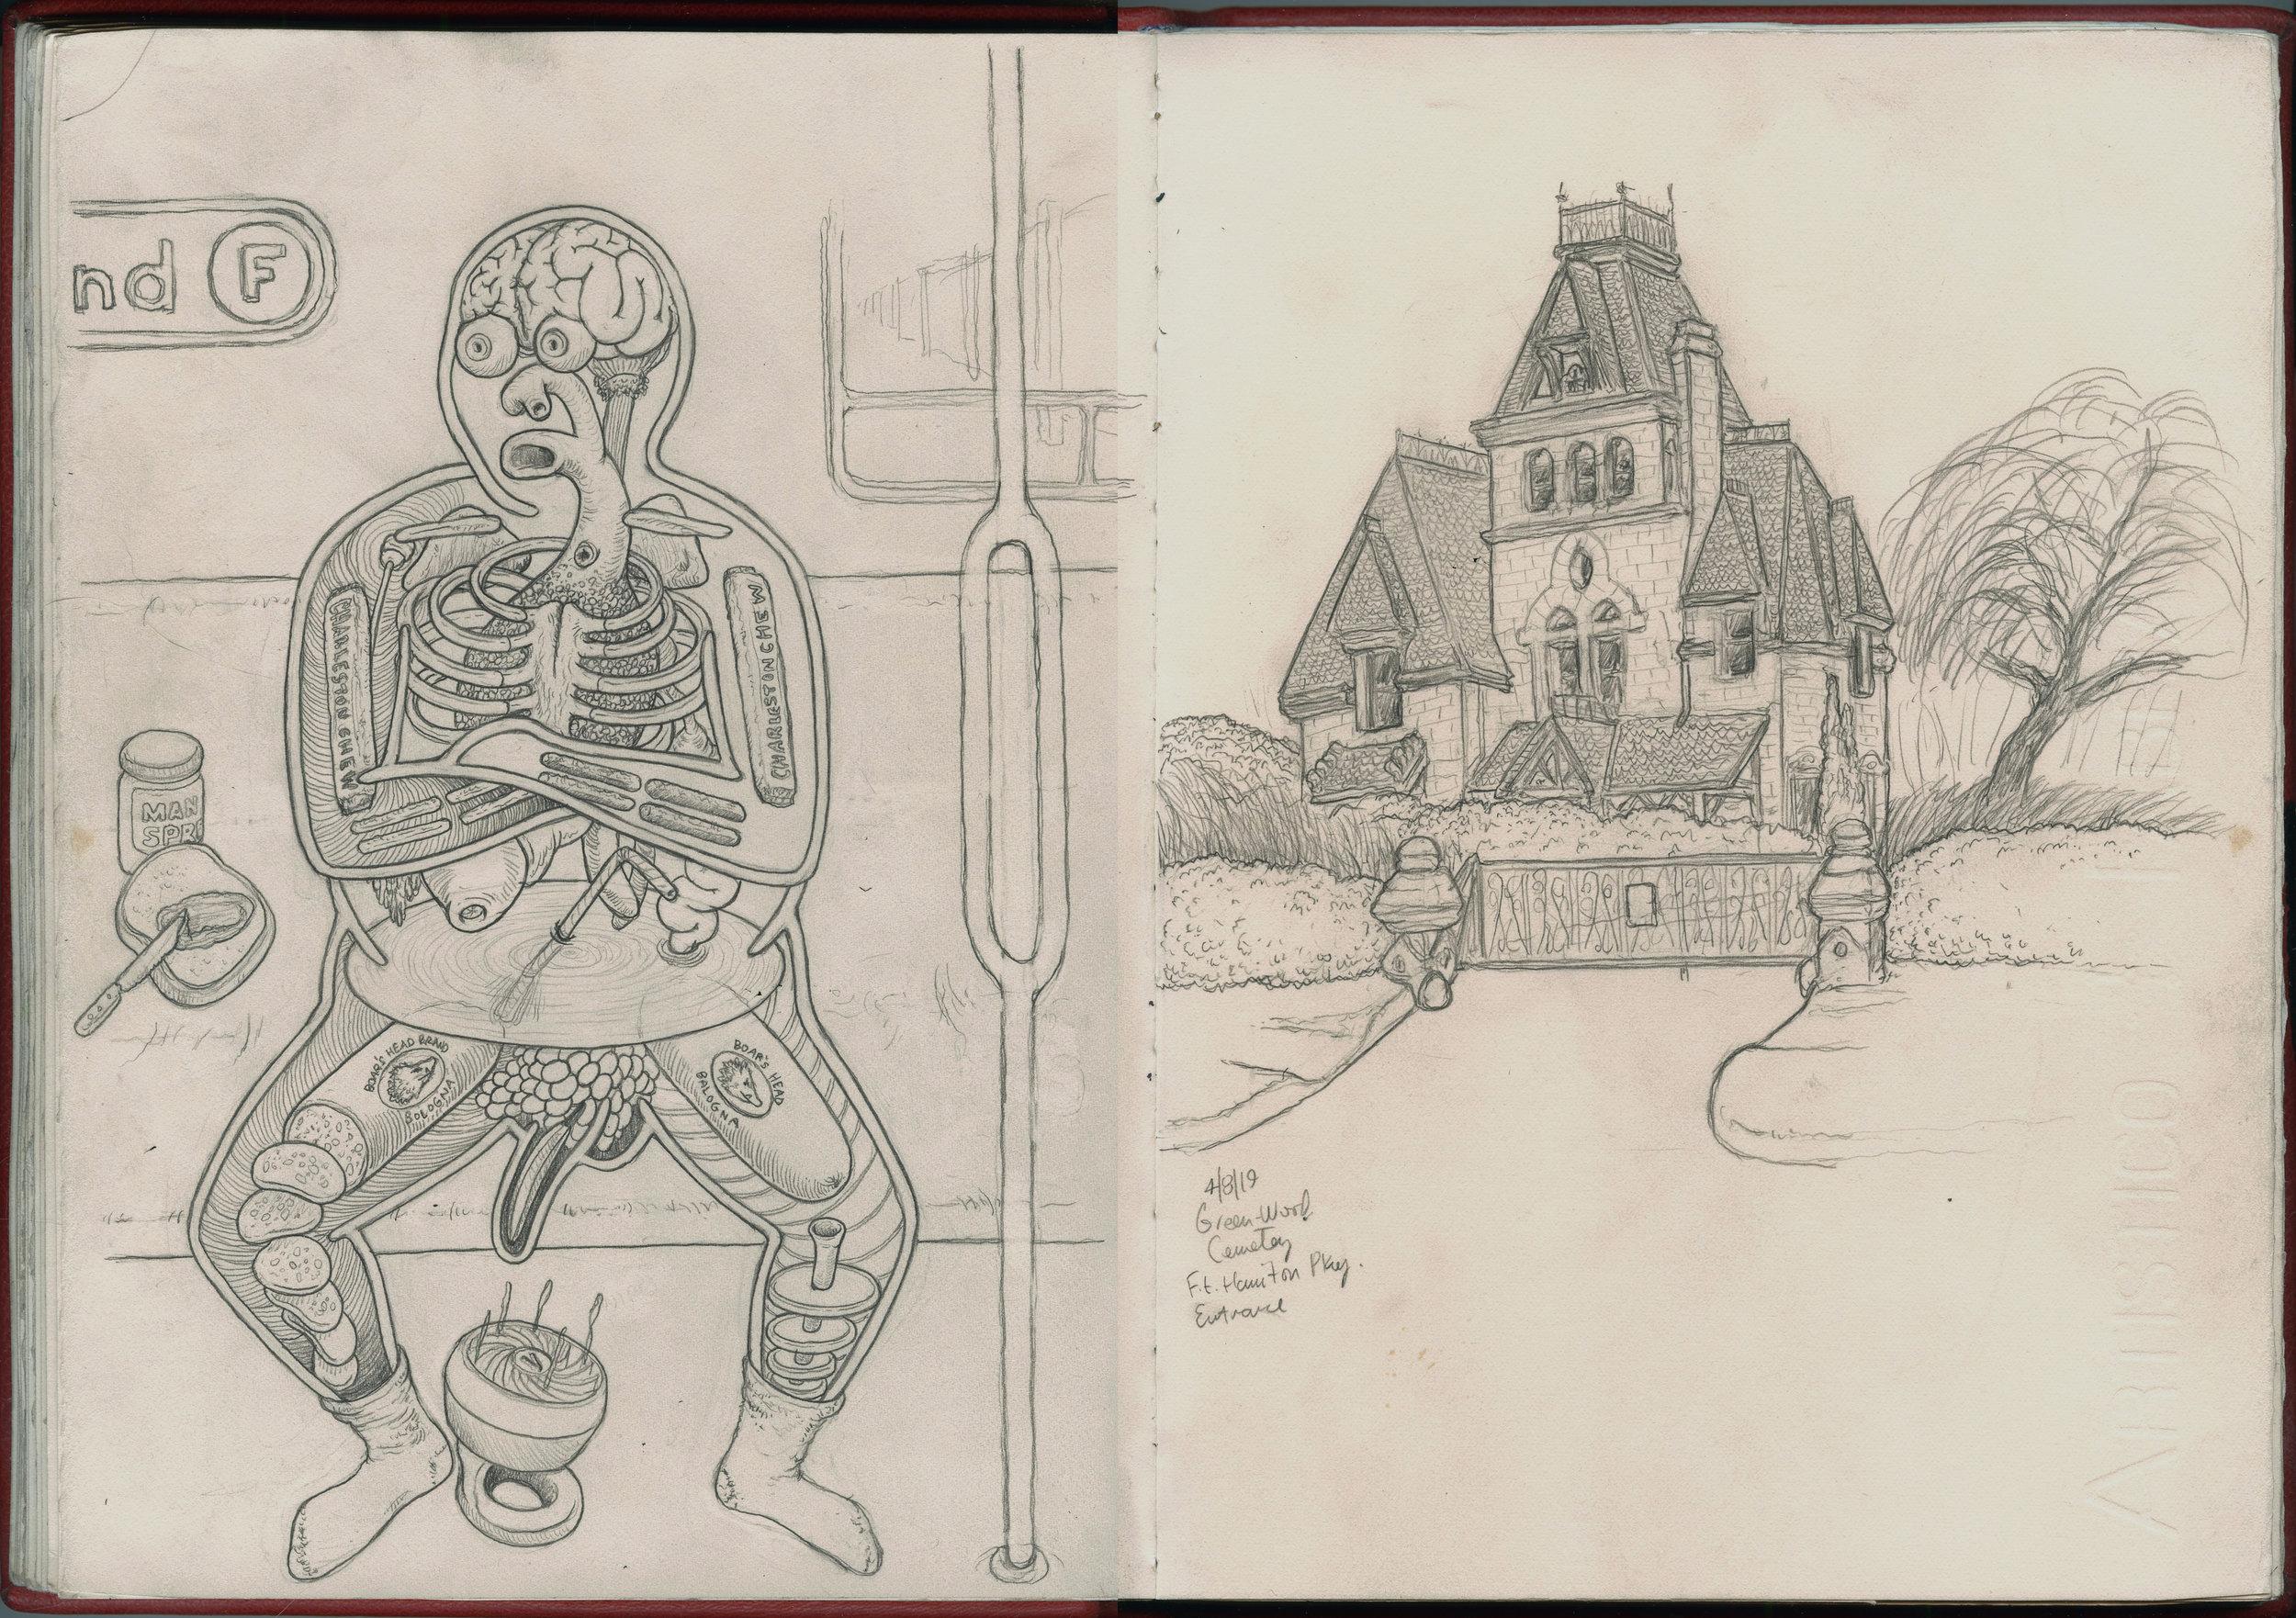 manspread subway sketchbook.jpg